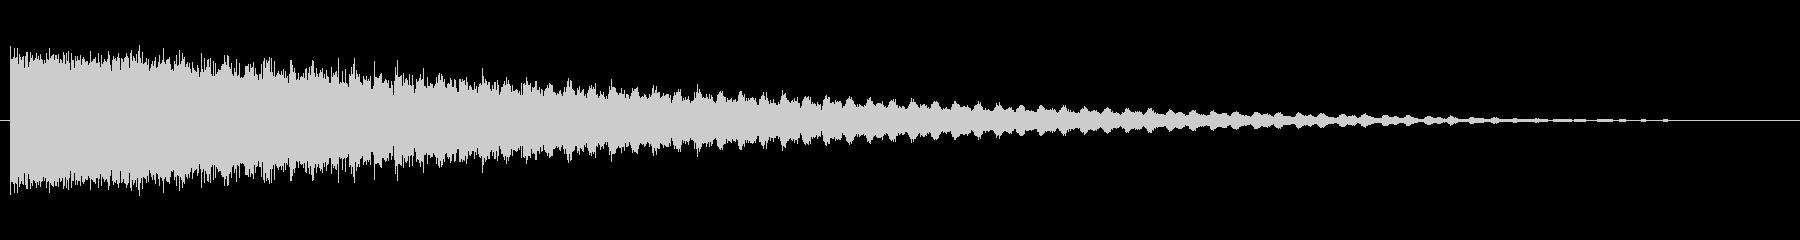 素材 スティンガーハム03の未再生の波形